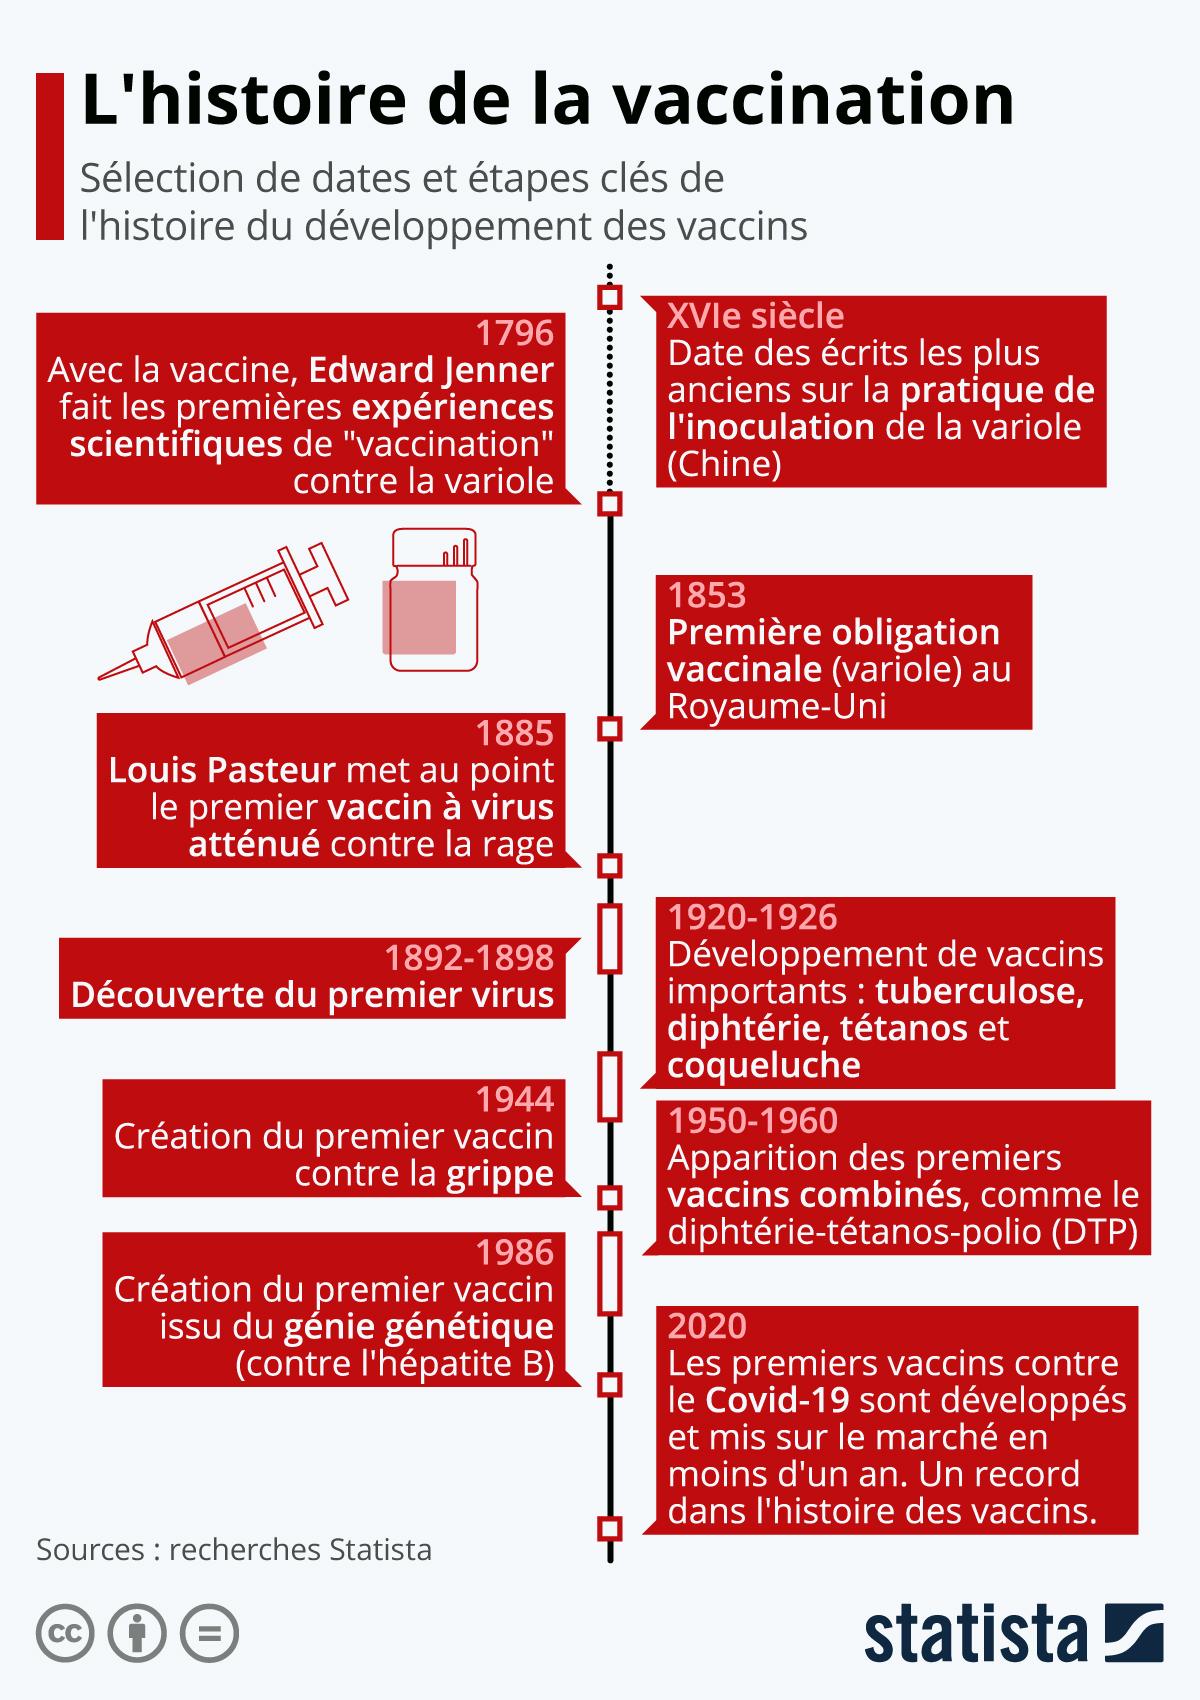 Infographie: L'histoire de la vaccination : de l'empirisme au génie génétique | Statista